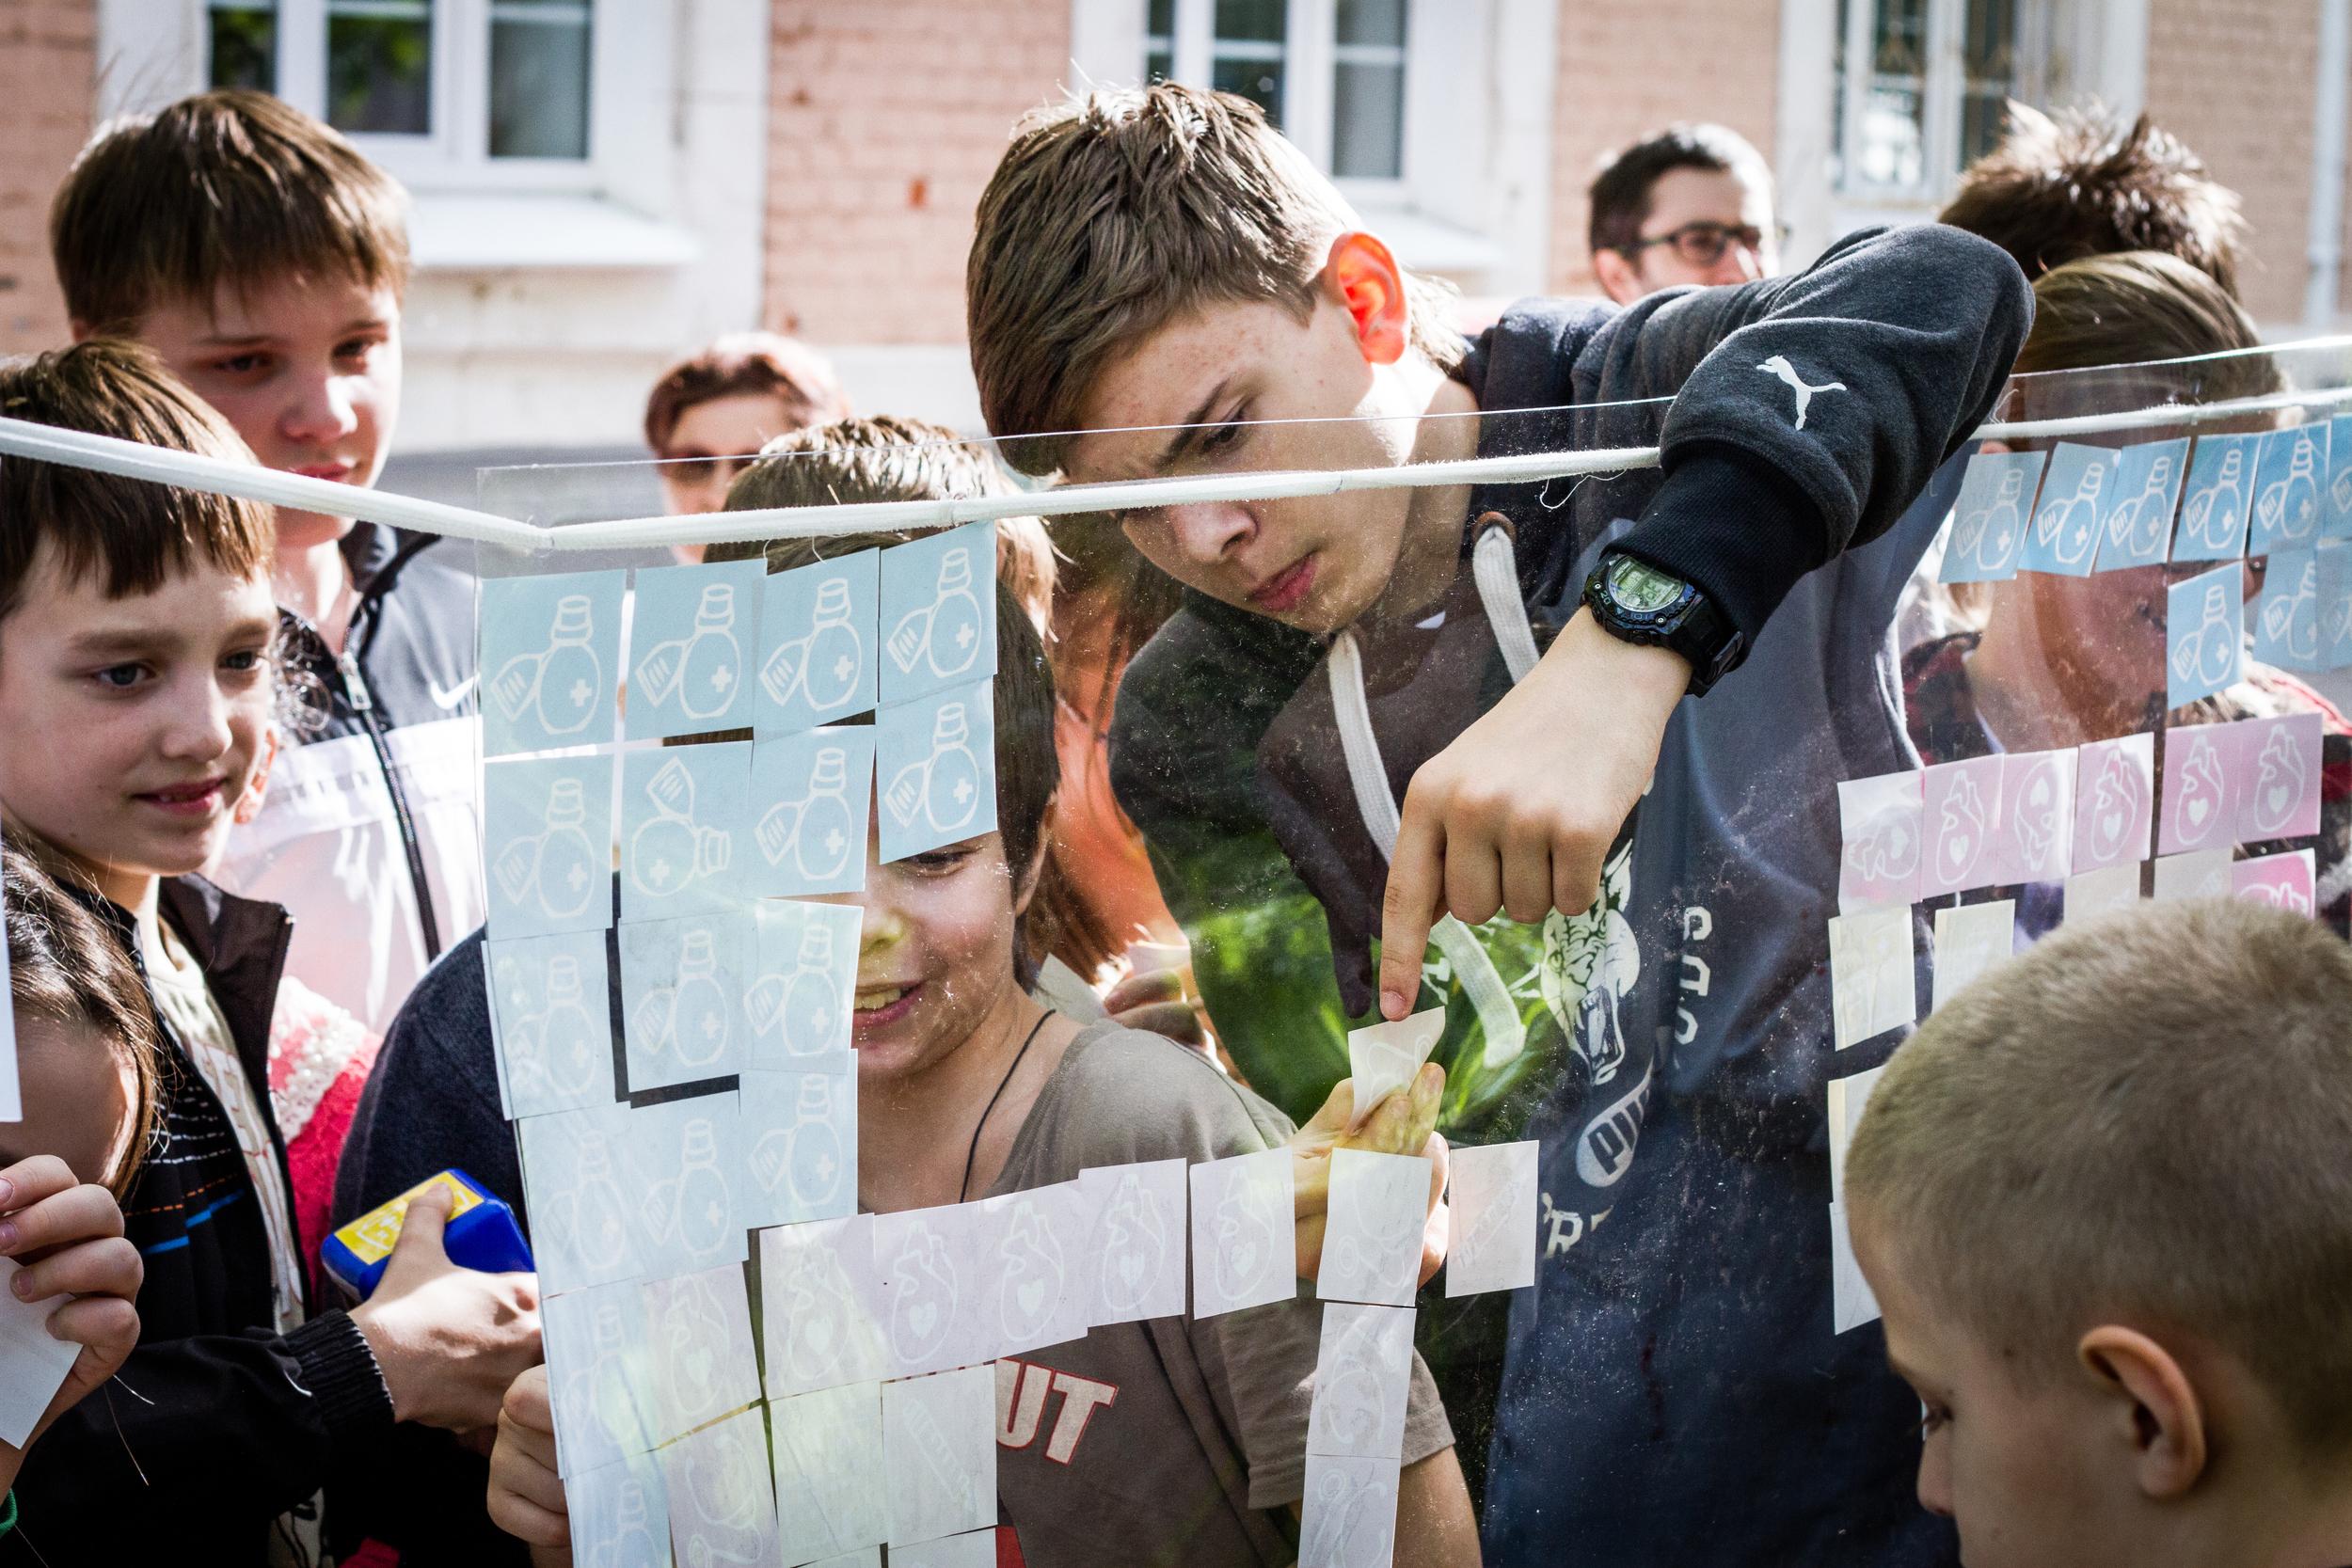 """На открытии """"Игровых коммуникаций"""" художники Жанна Рыбак и Маша Ив провели игровой перформанс с участием детей. Фото Антона Газина."""